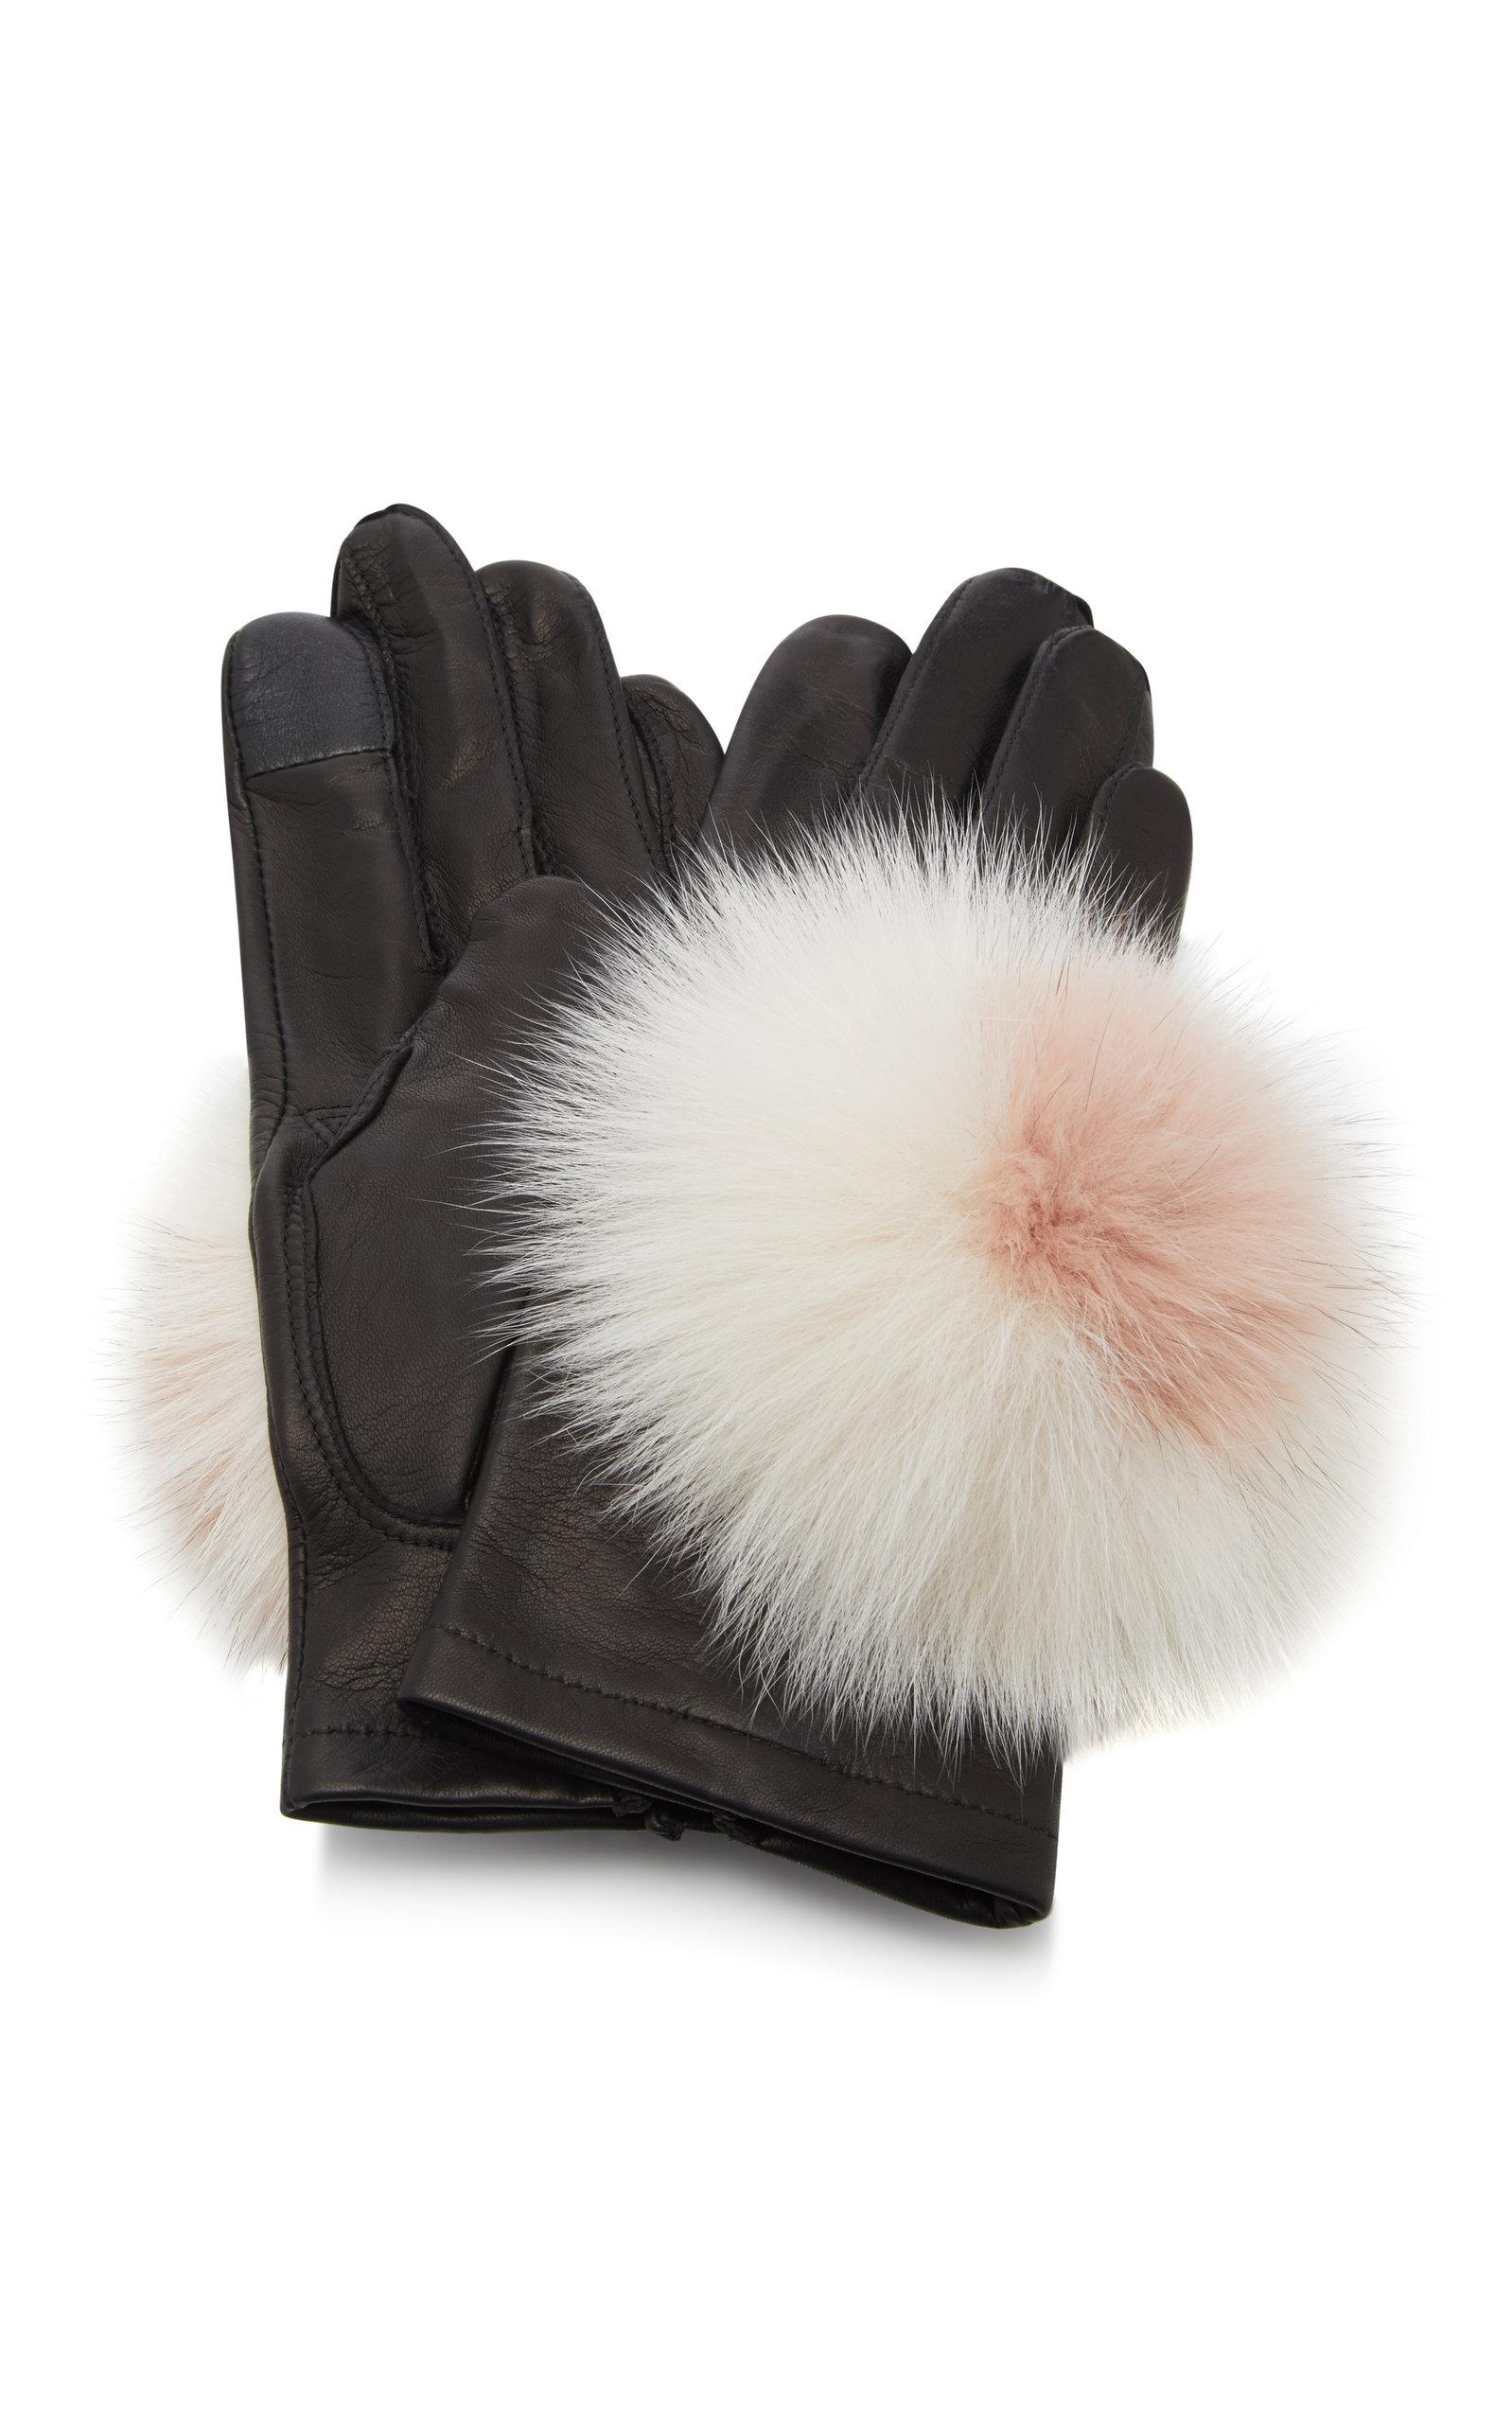 MAISON FABRE Pom Pom-Embellished Leather Gloves in Black